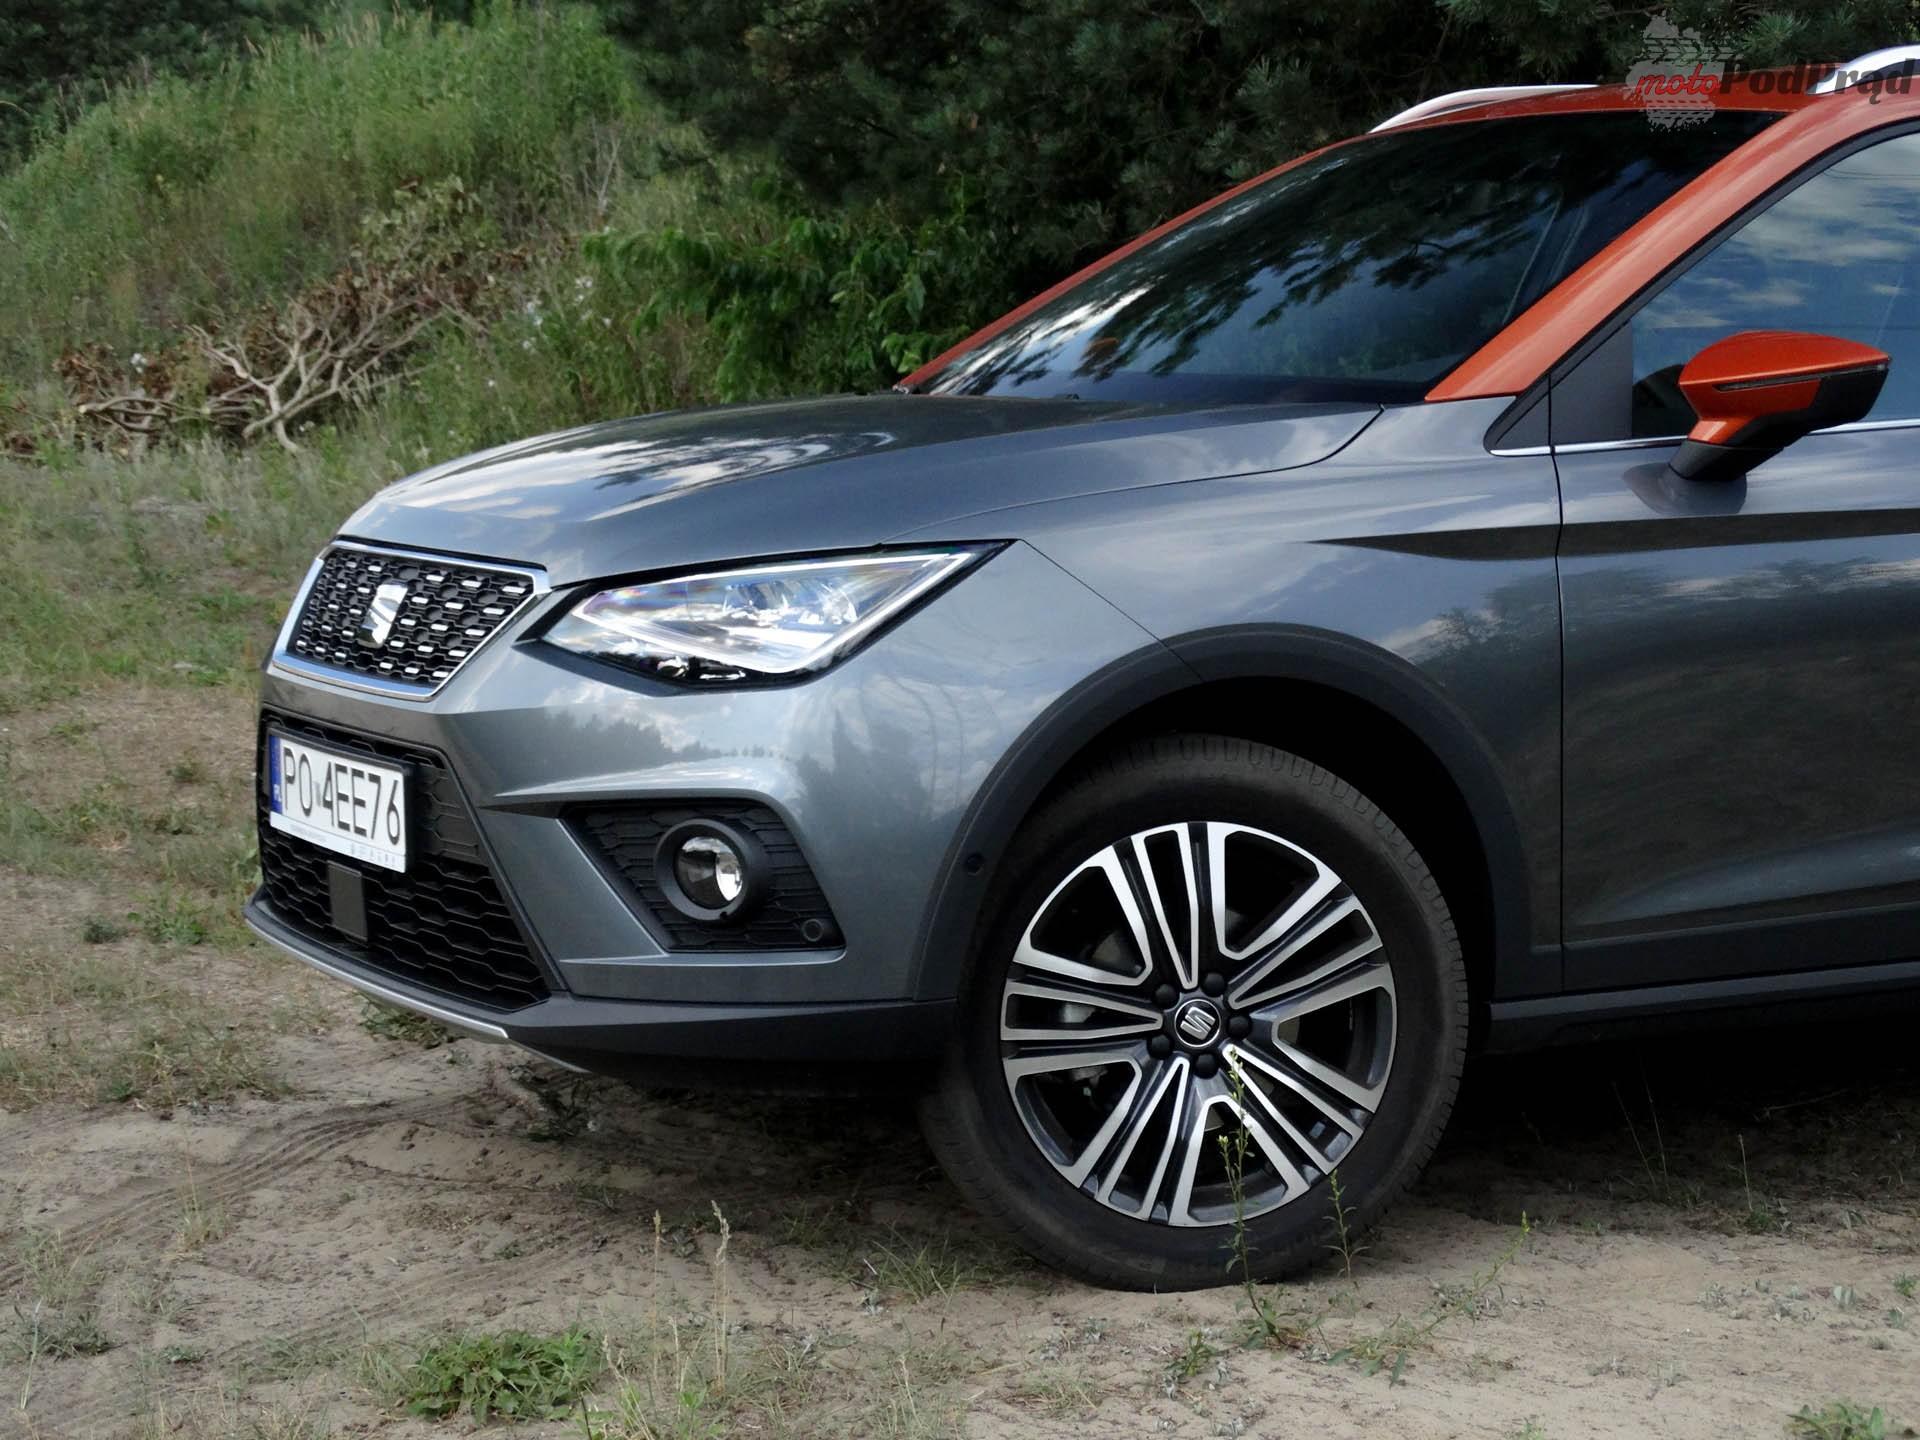 Seat Arona 5 Porównanie: Hyundai Kona 1.0 kontra Seat Arona 1.0